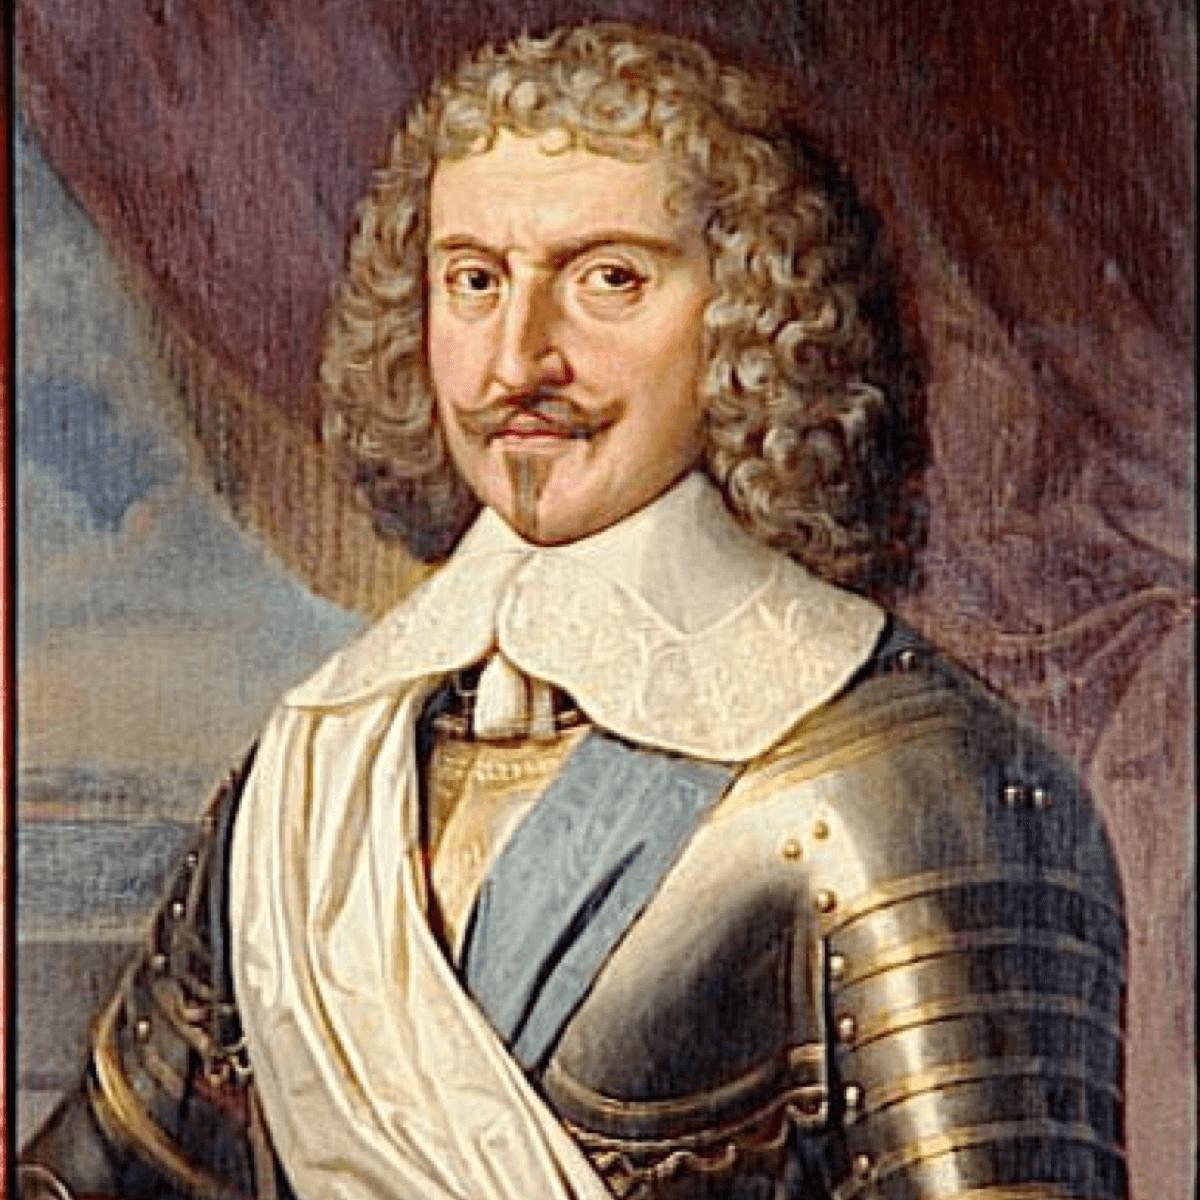 C'est le Maréchal d'Estrées (ci-dessus) qui donna en 1605 aux chartreux la formule à l'origine de la chartreuse verte